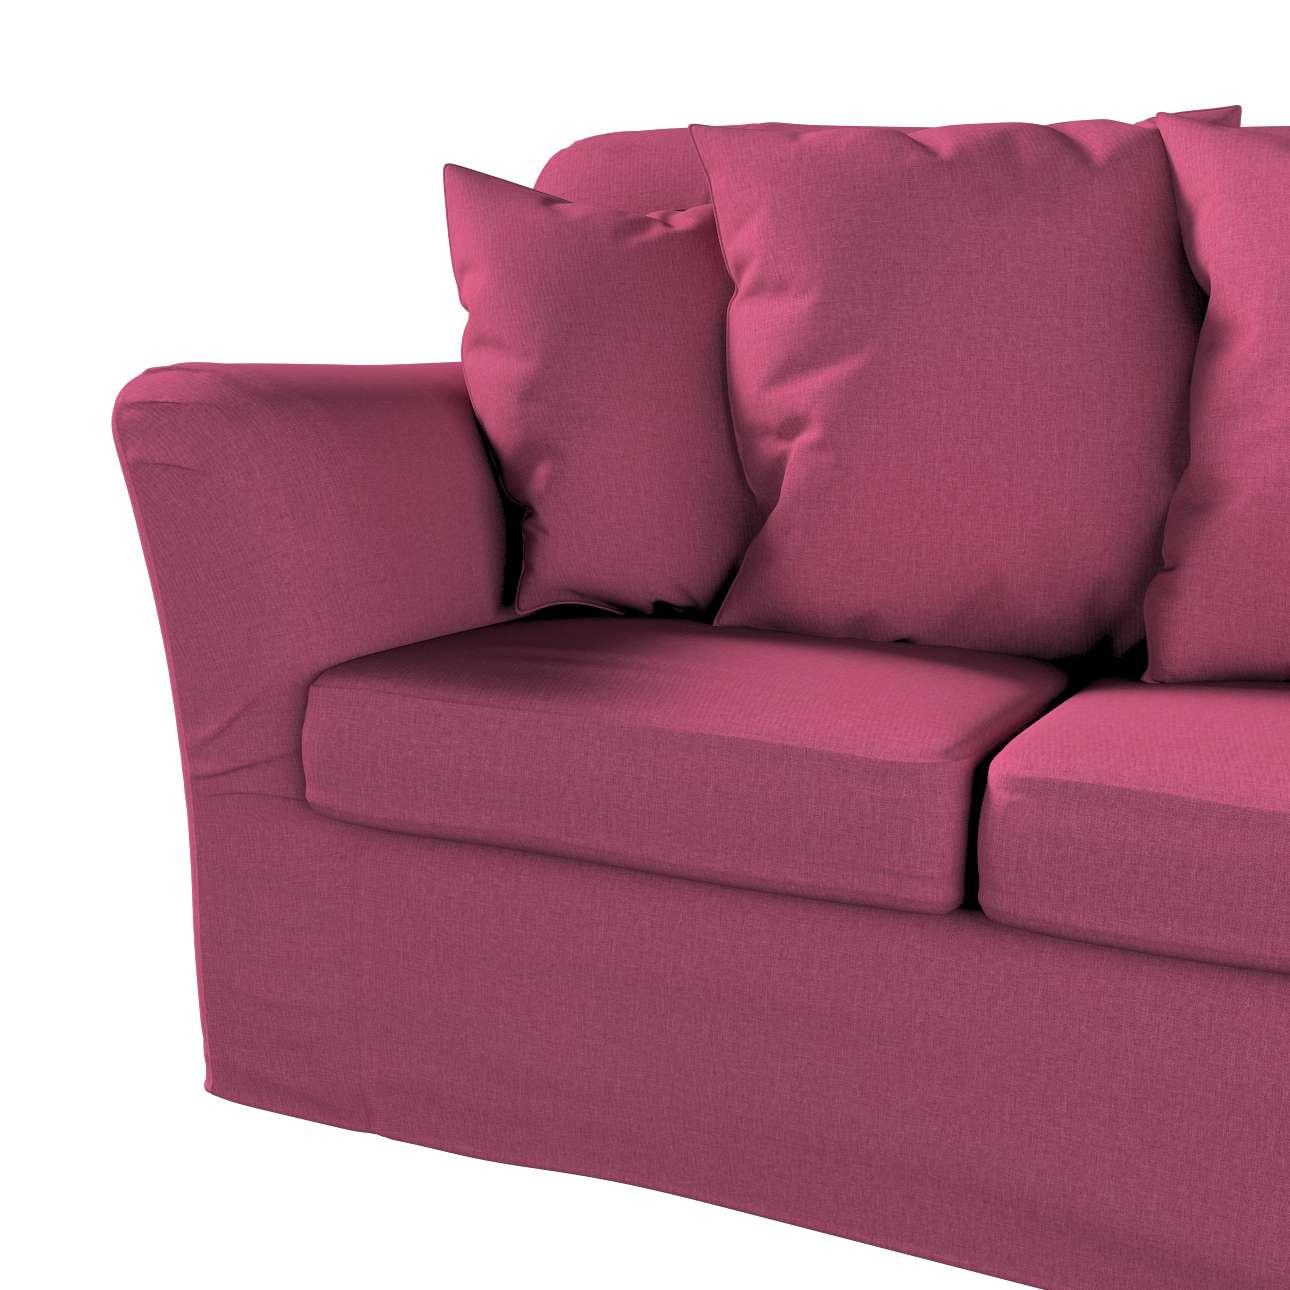 Pokrowiec na sofę Tomelilla 3-osobową nierozkładaną w kolekcji Living, tkanina: 160-44